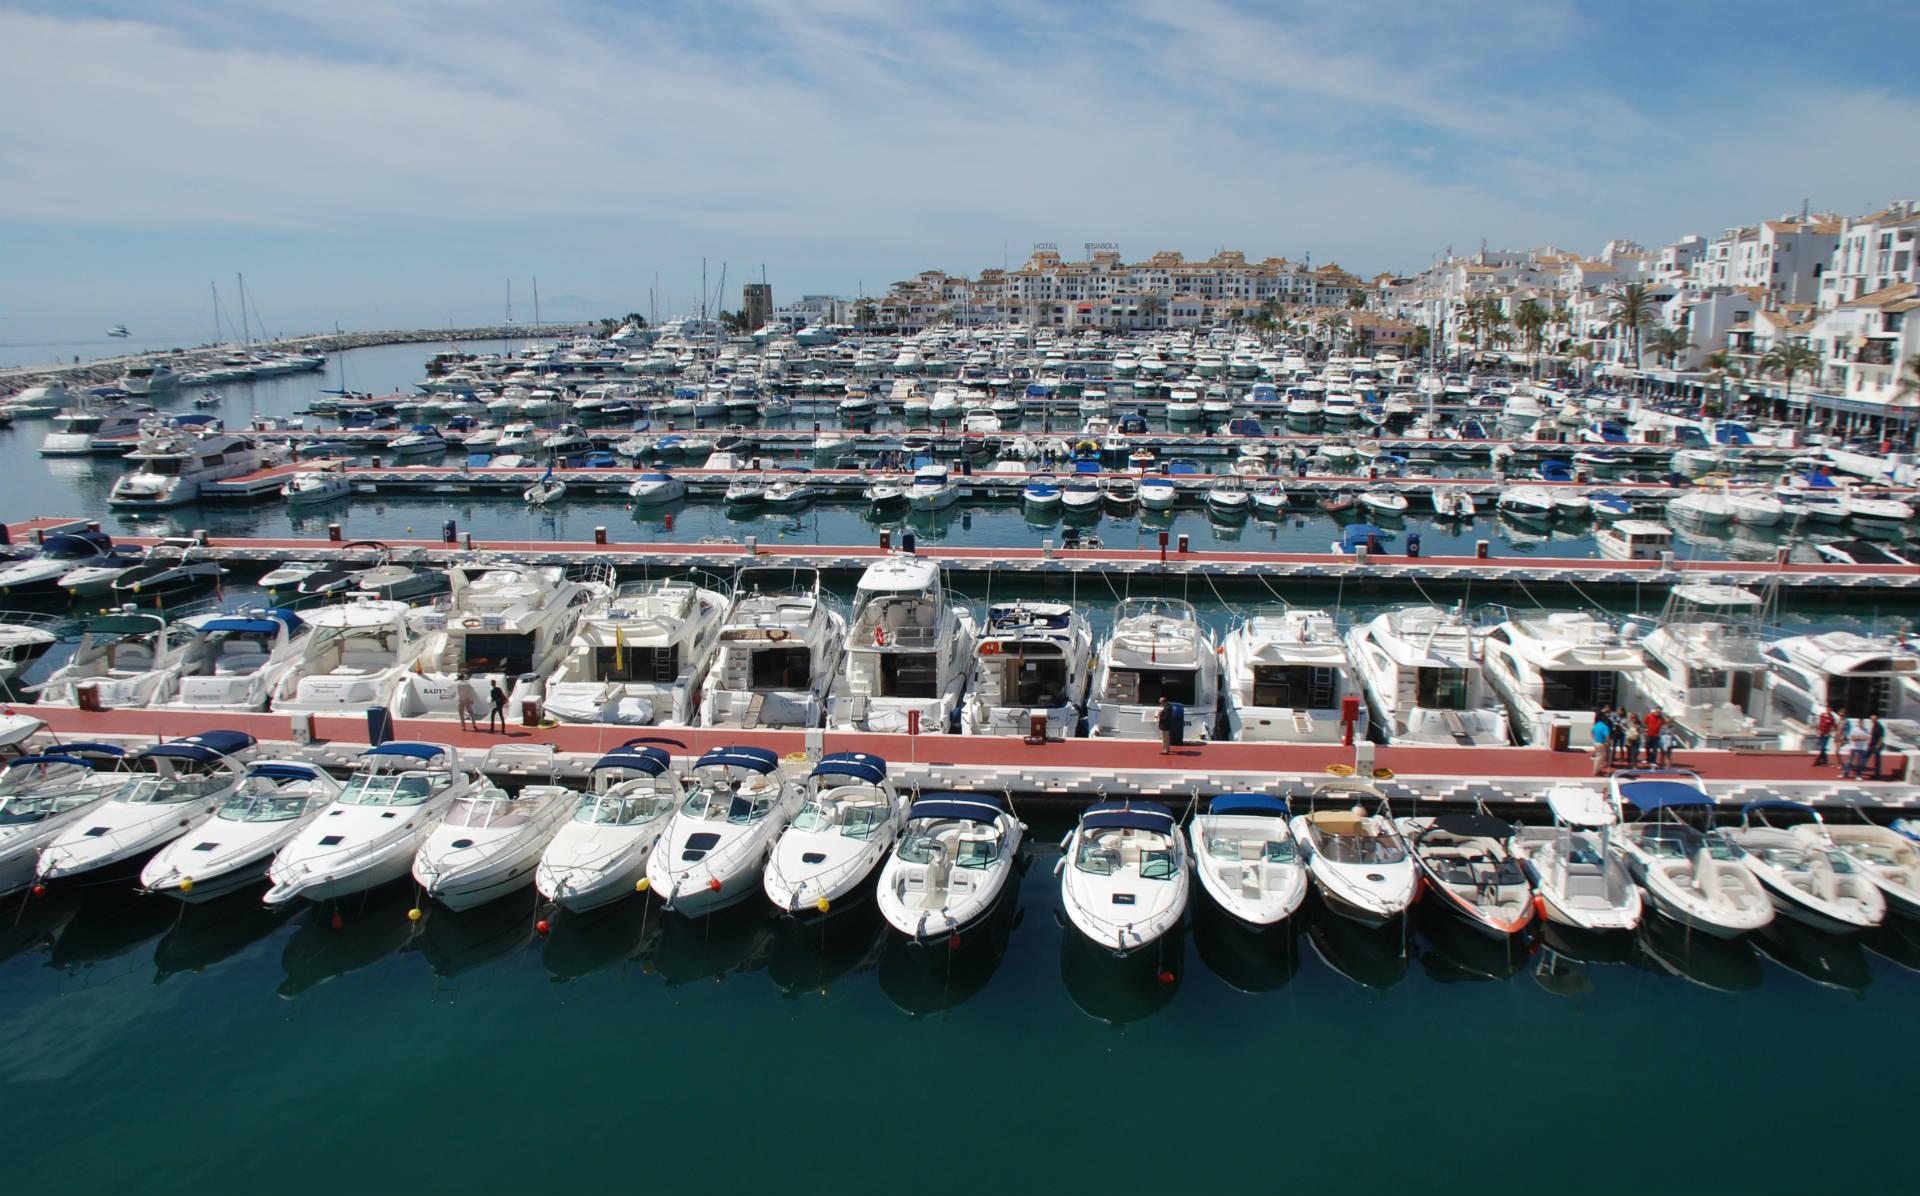 Lujo, ostentación y glamour al sur de Europa: Puerto Banús persiste entre los puertos deportivos más caros